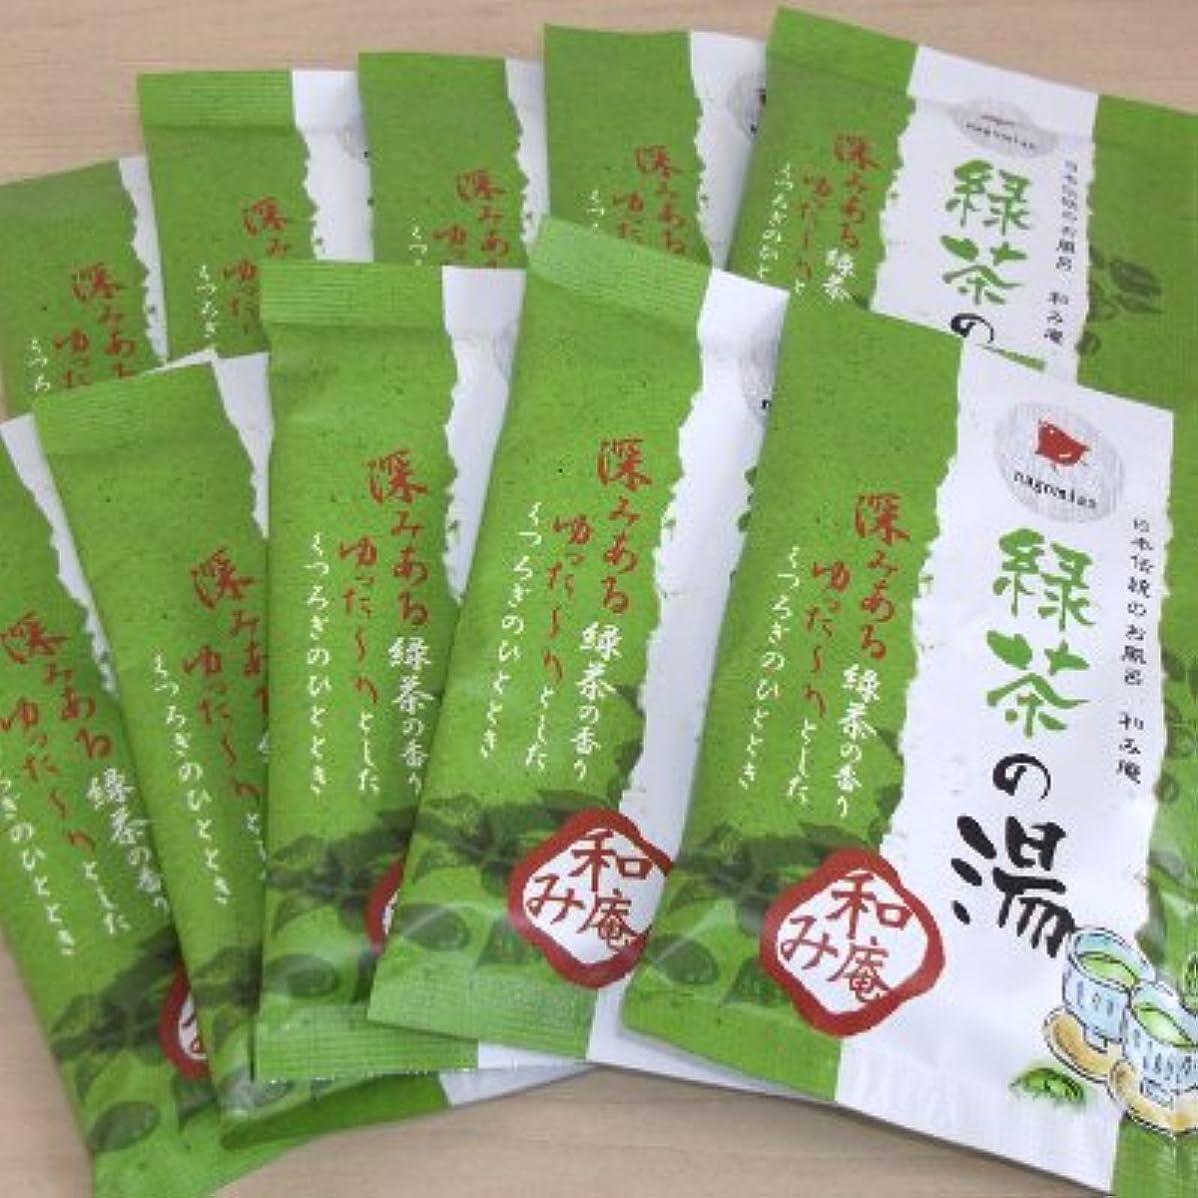 和み庵 緑茶の湯 10包セット